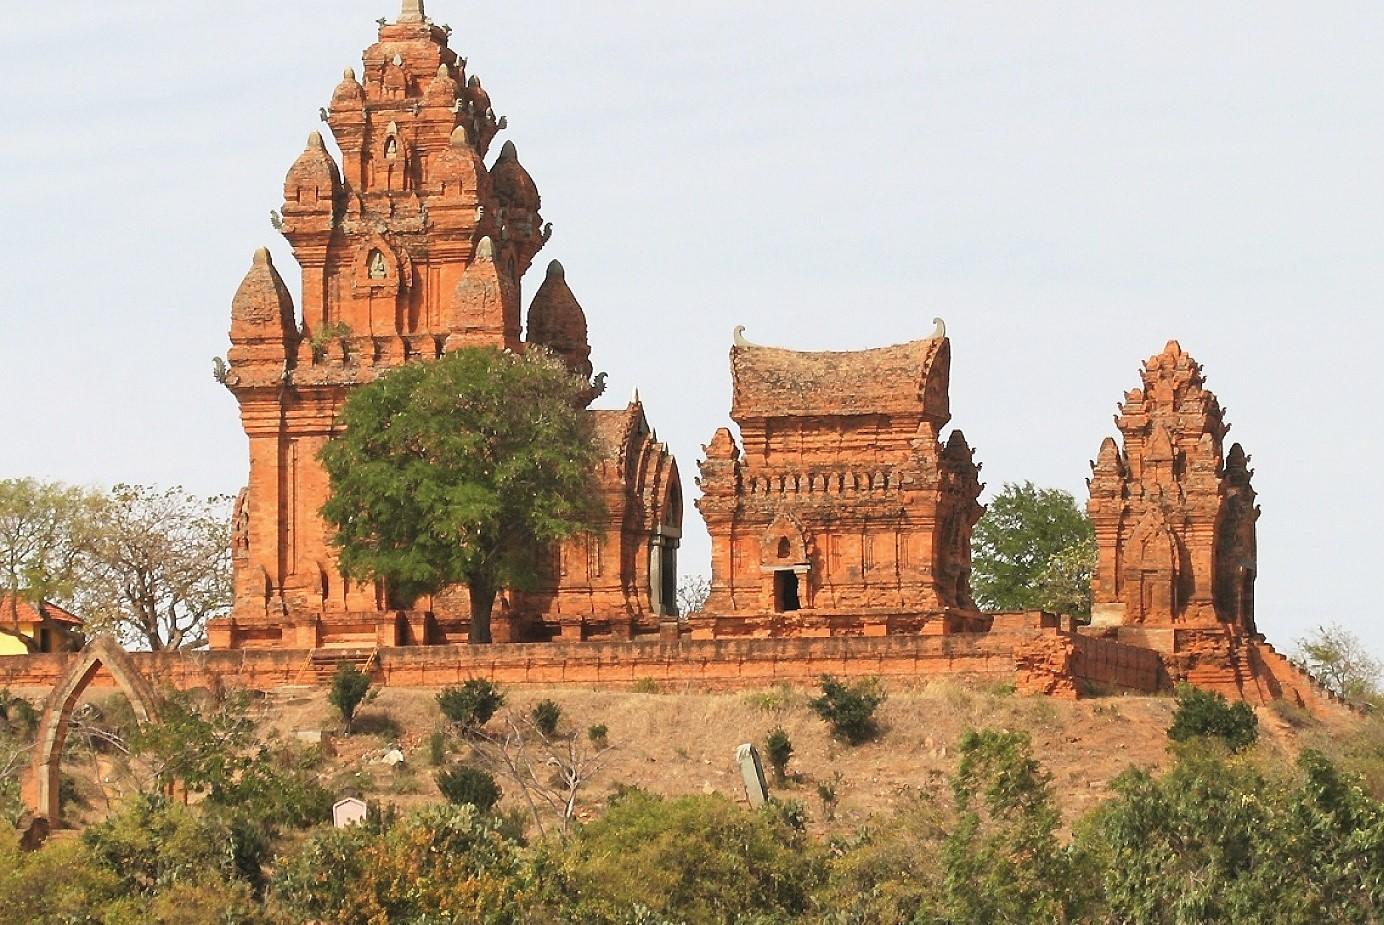 Tháp Po Klong Garai Ninh Thuần và bí ẩn kiến trúc gần 800 năm tuổi